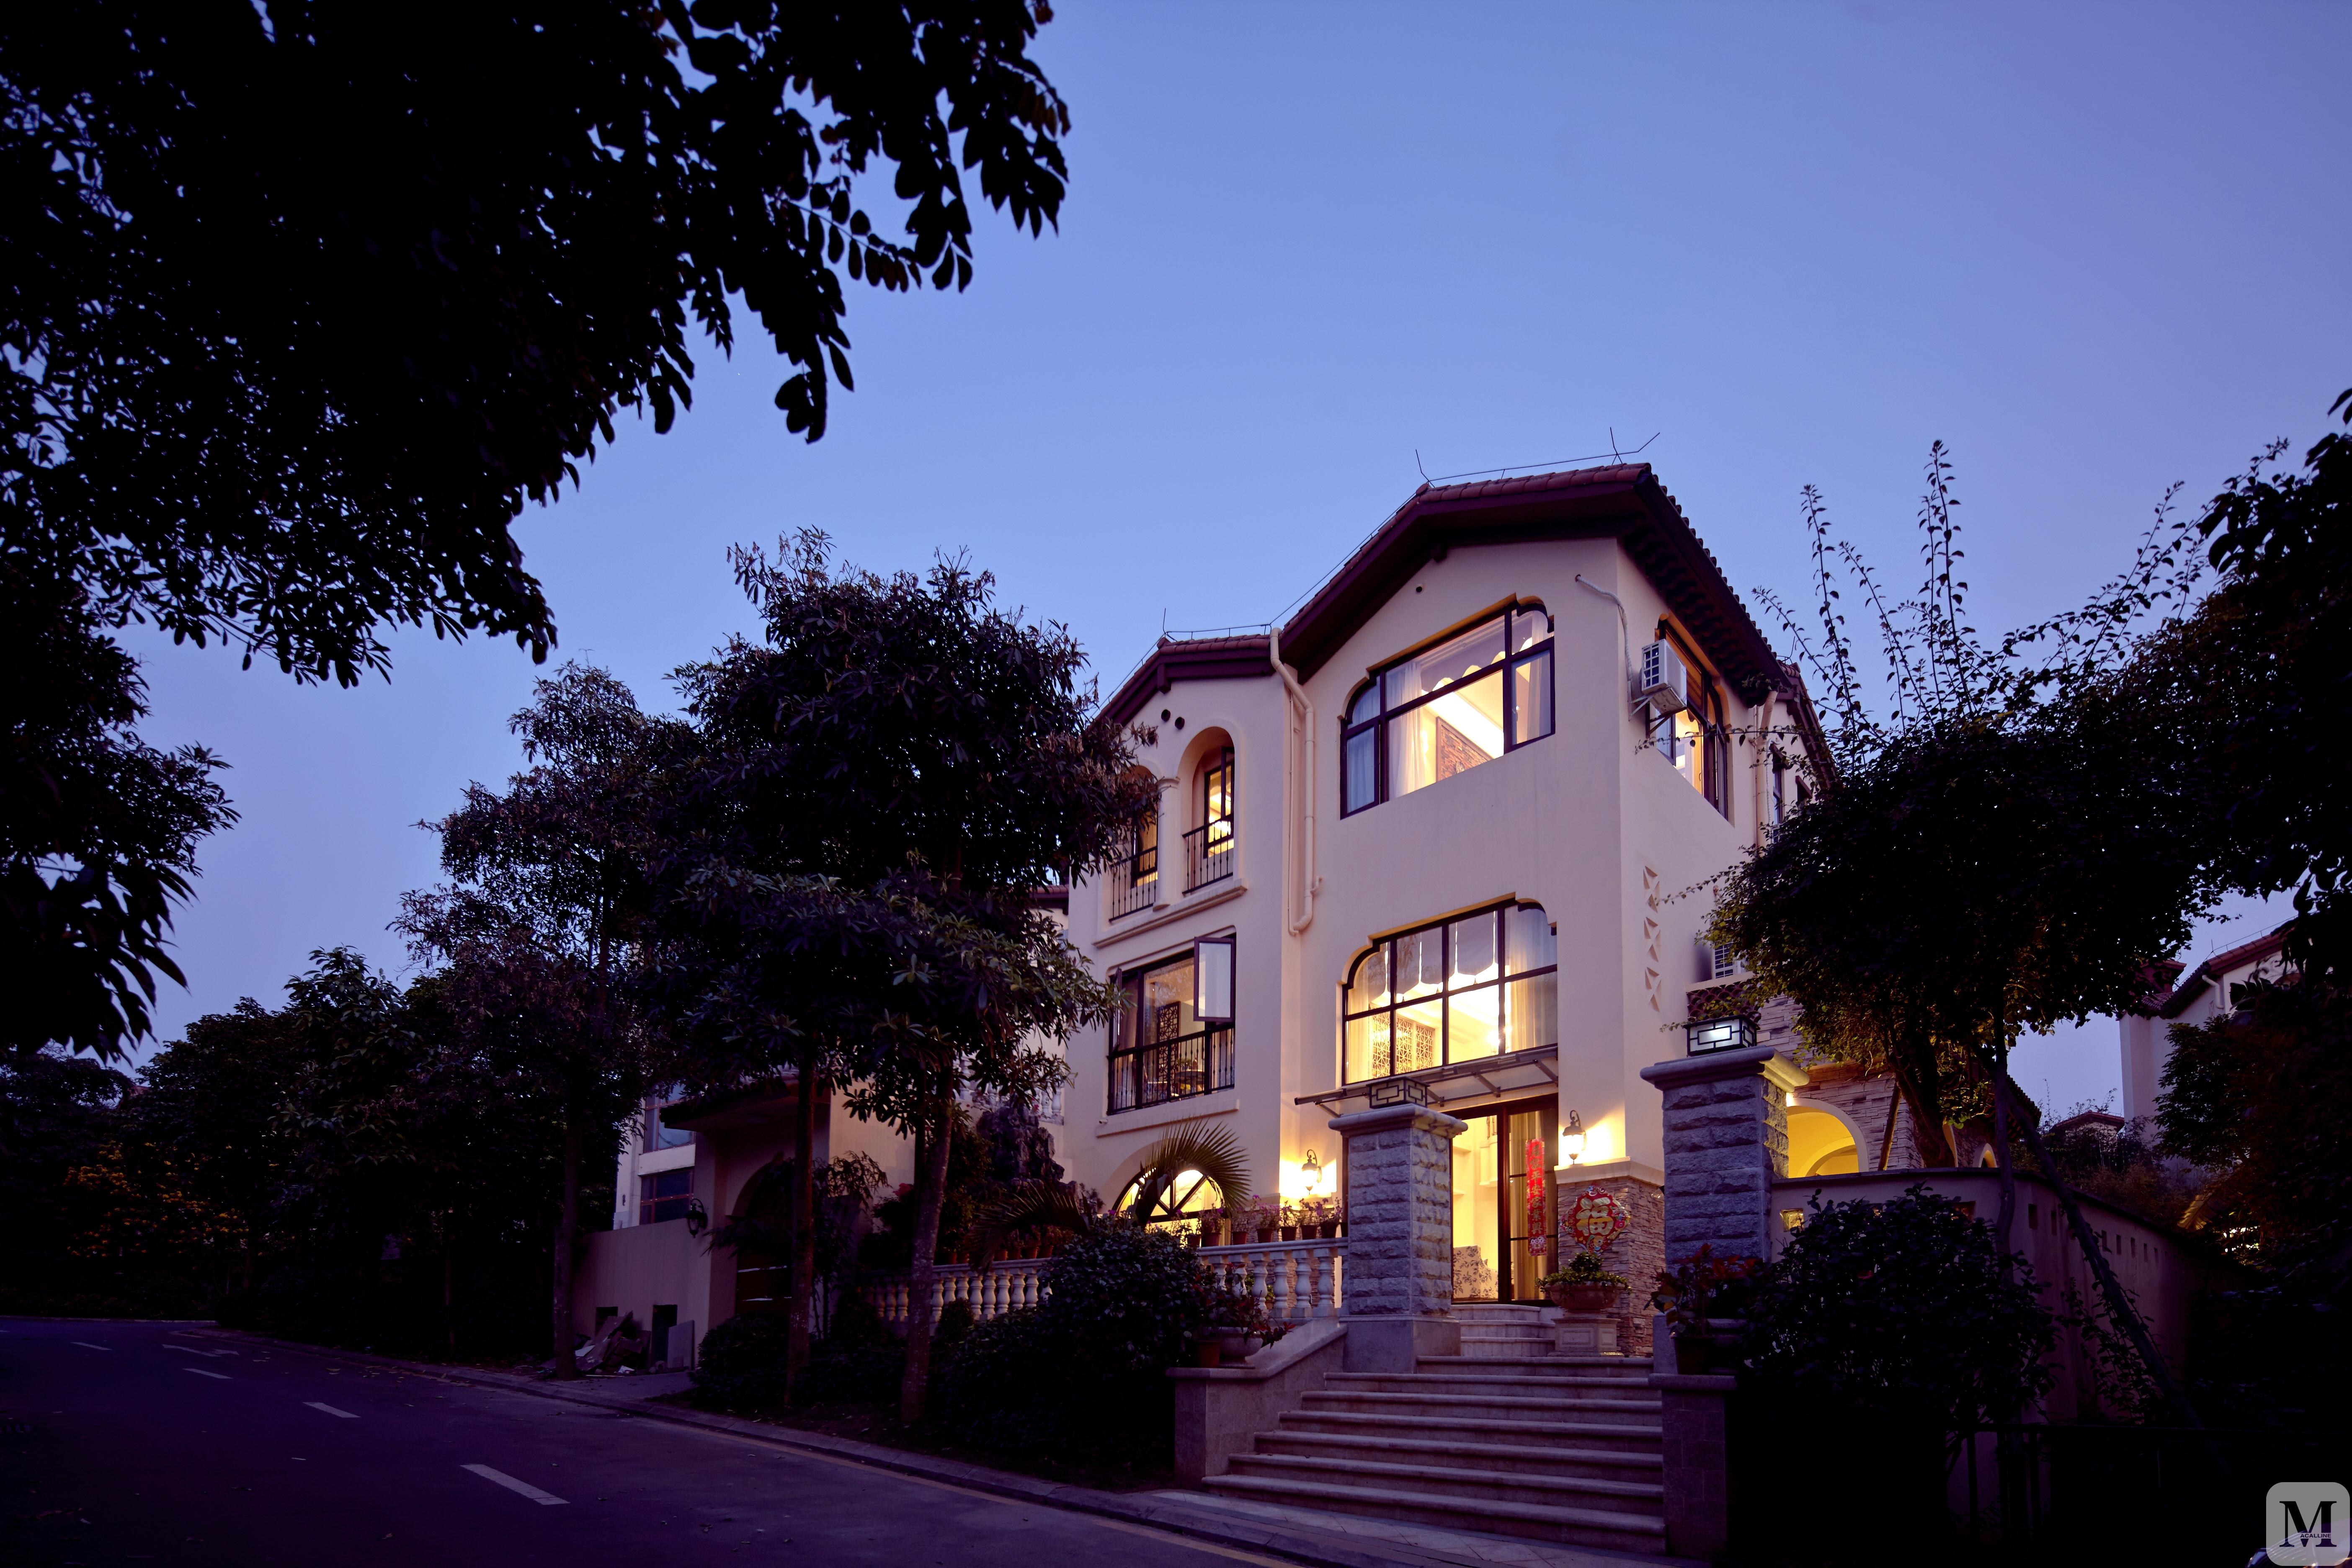 海口富力盈别墅350平美式别墅_美式房子设计装修溪谷造别墅环保用什么案例图片